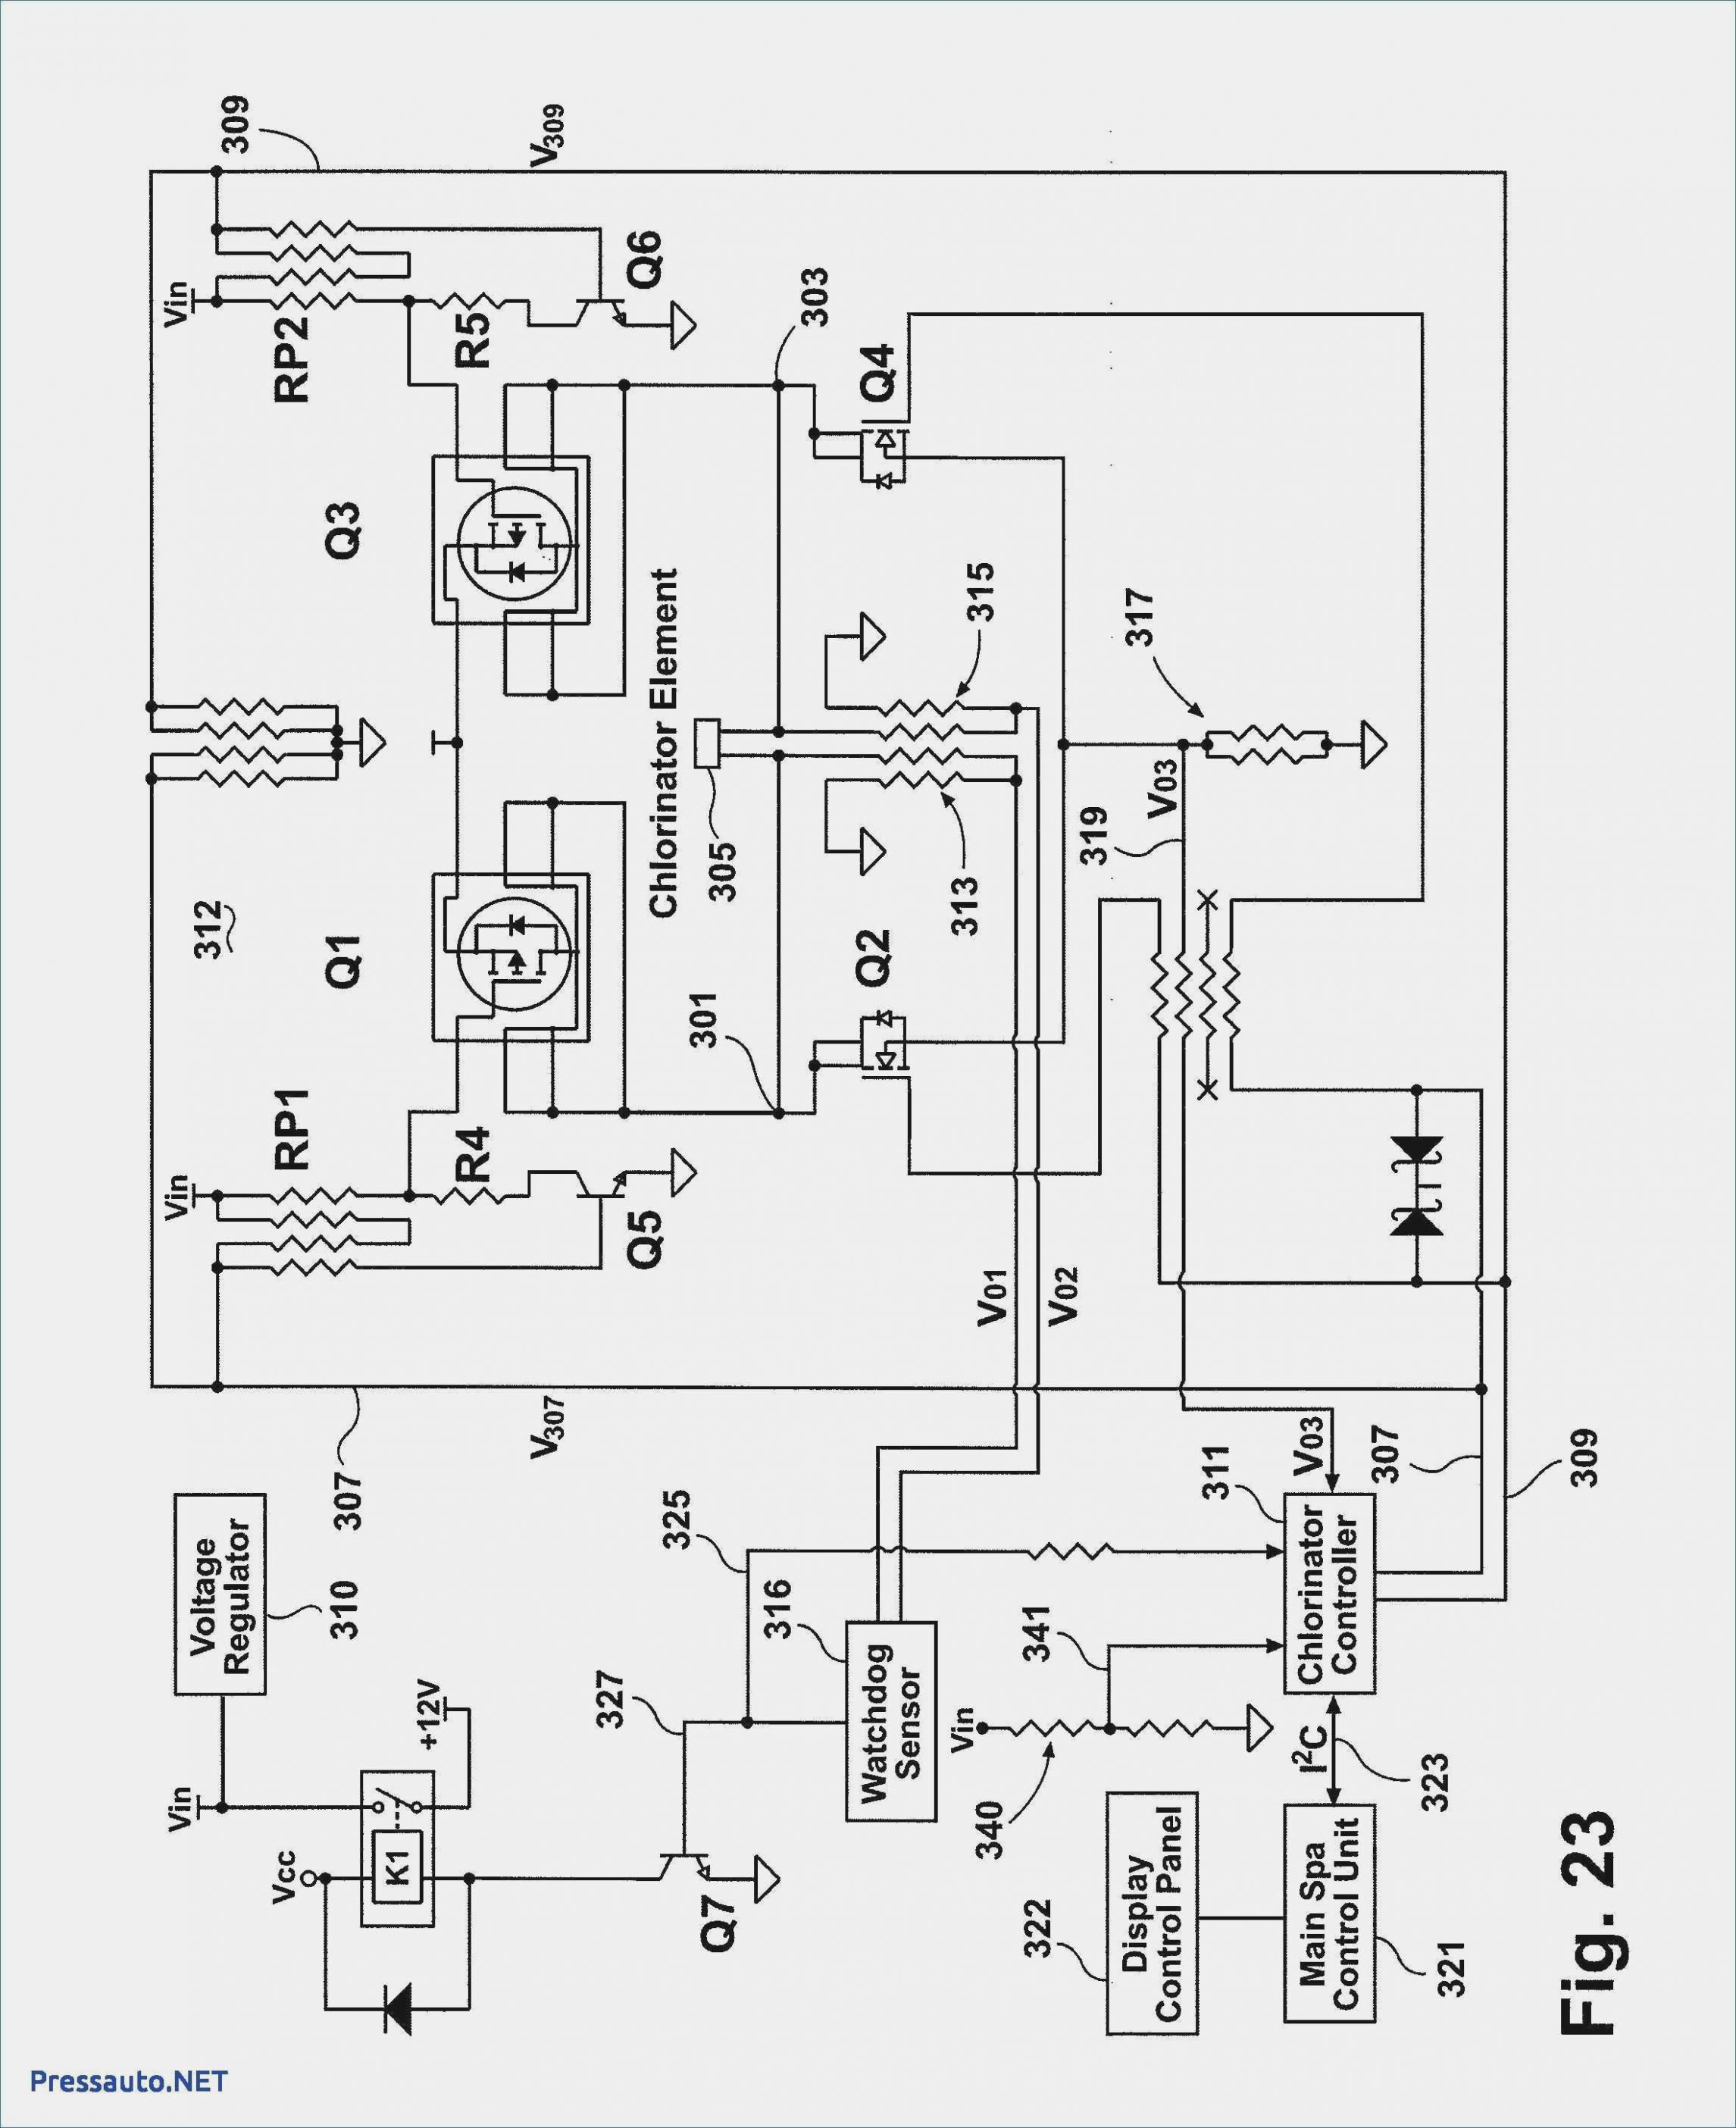 Why 10 Speed Pool Pump Wiring Diagrams | Diagram Information - Pool Pump Wiring Diagram